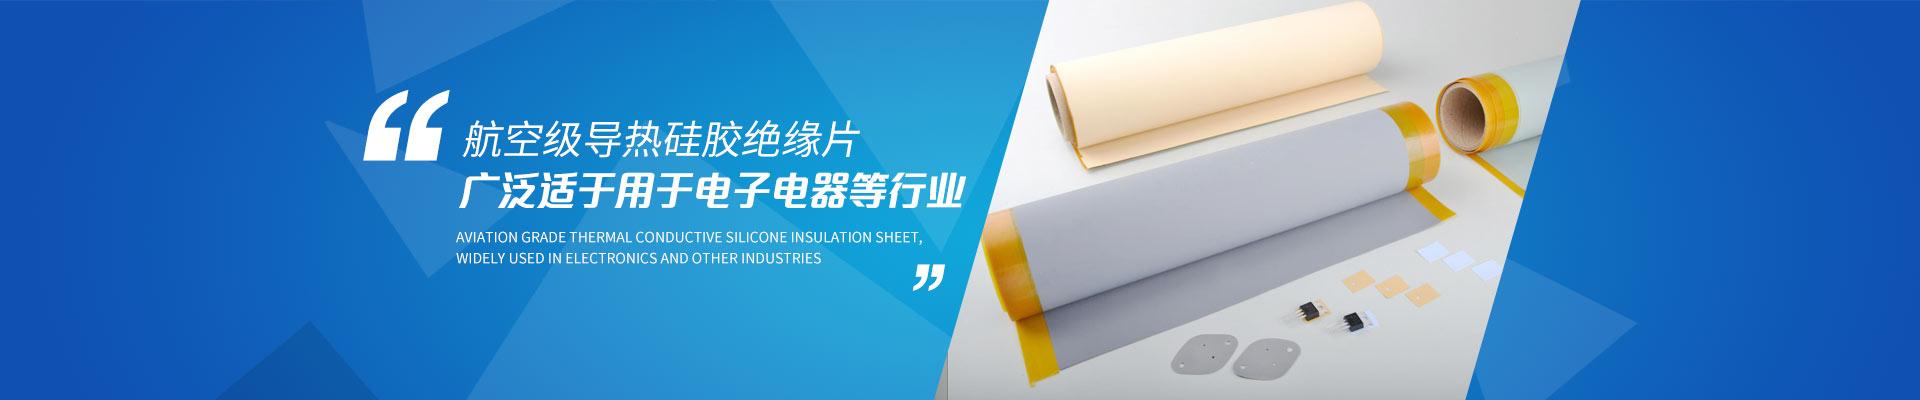 傲川导热硅胶绝缘片,航空级导热硅胶绝缘片,广泛适于用于电子电器等行业